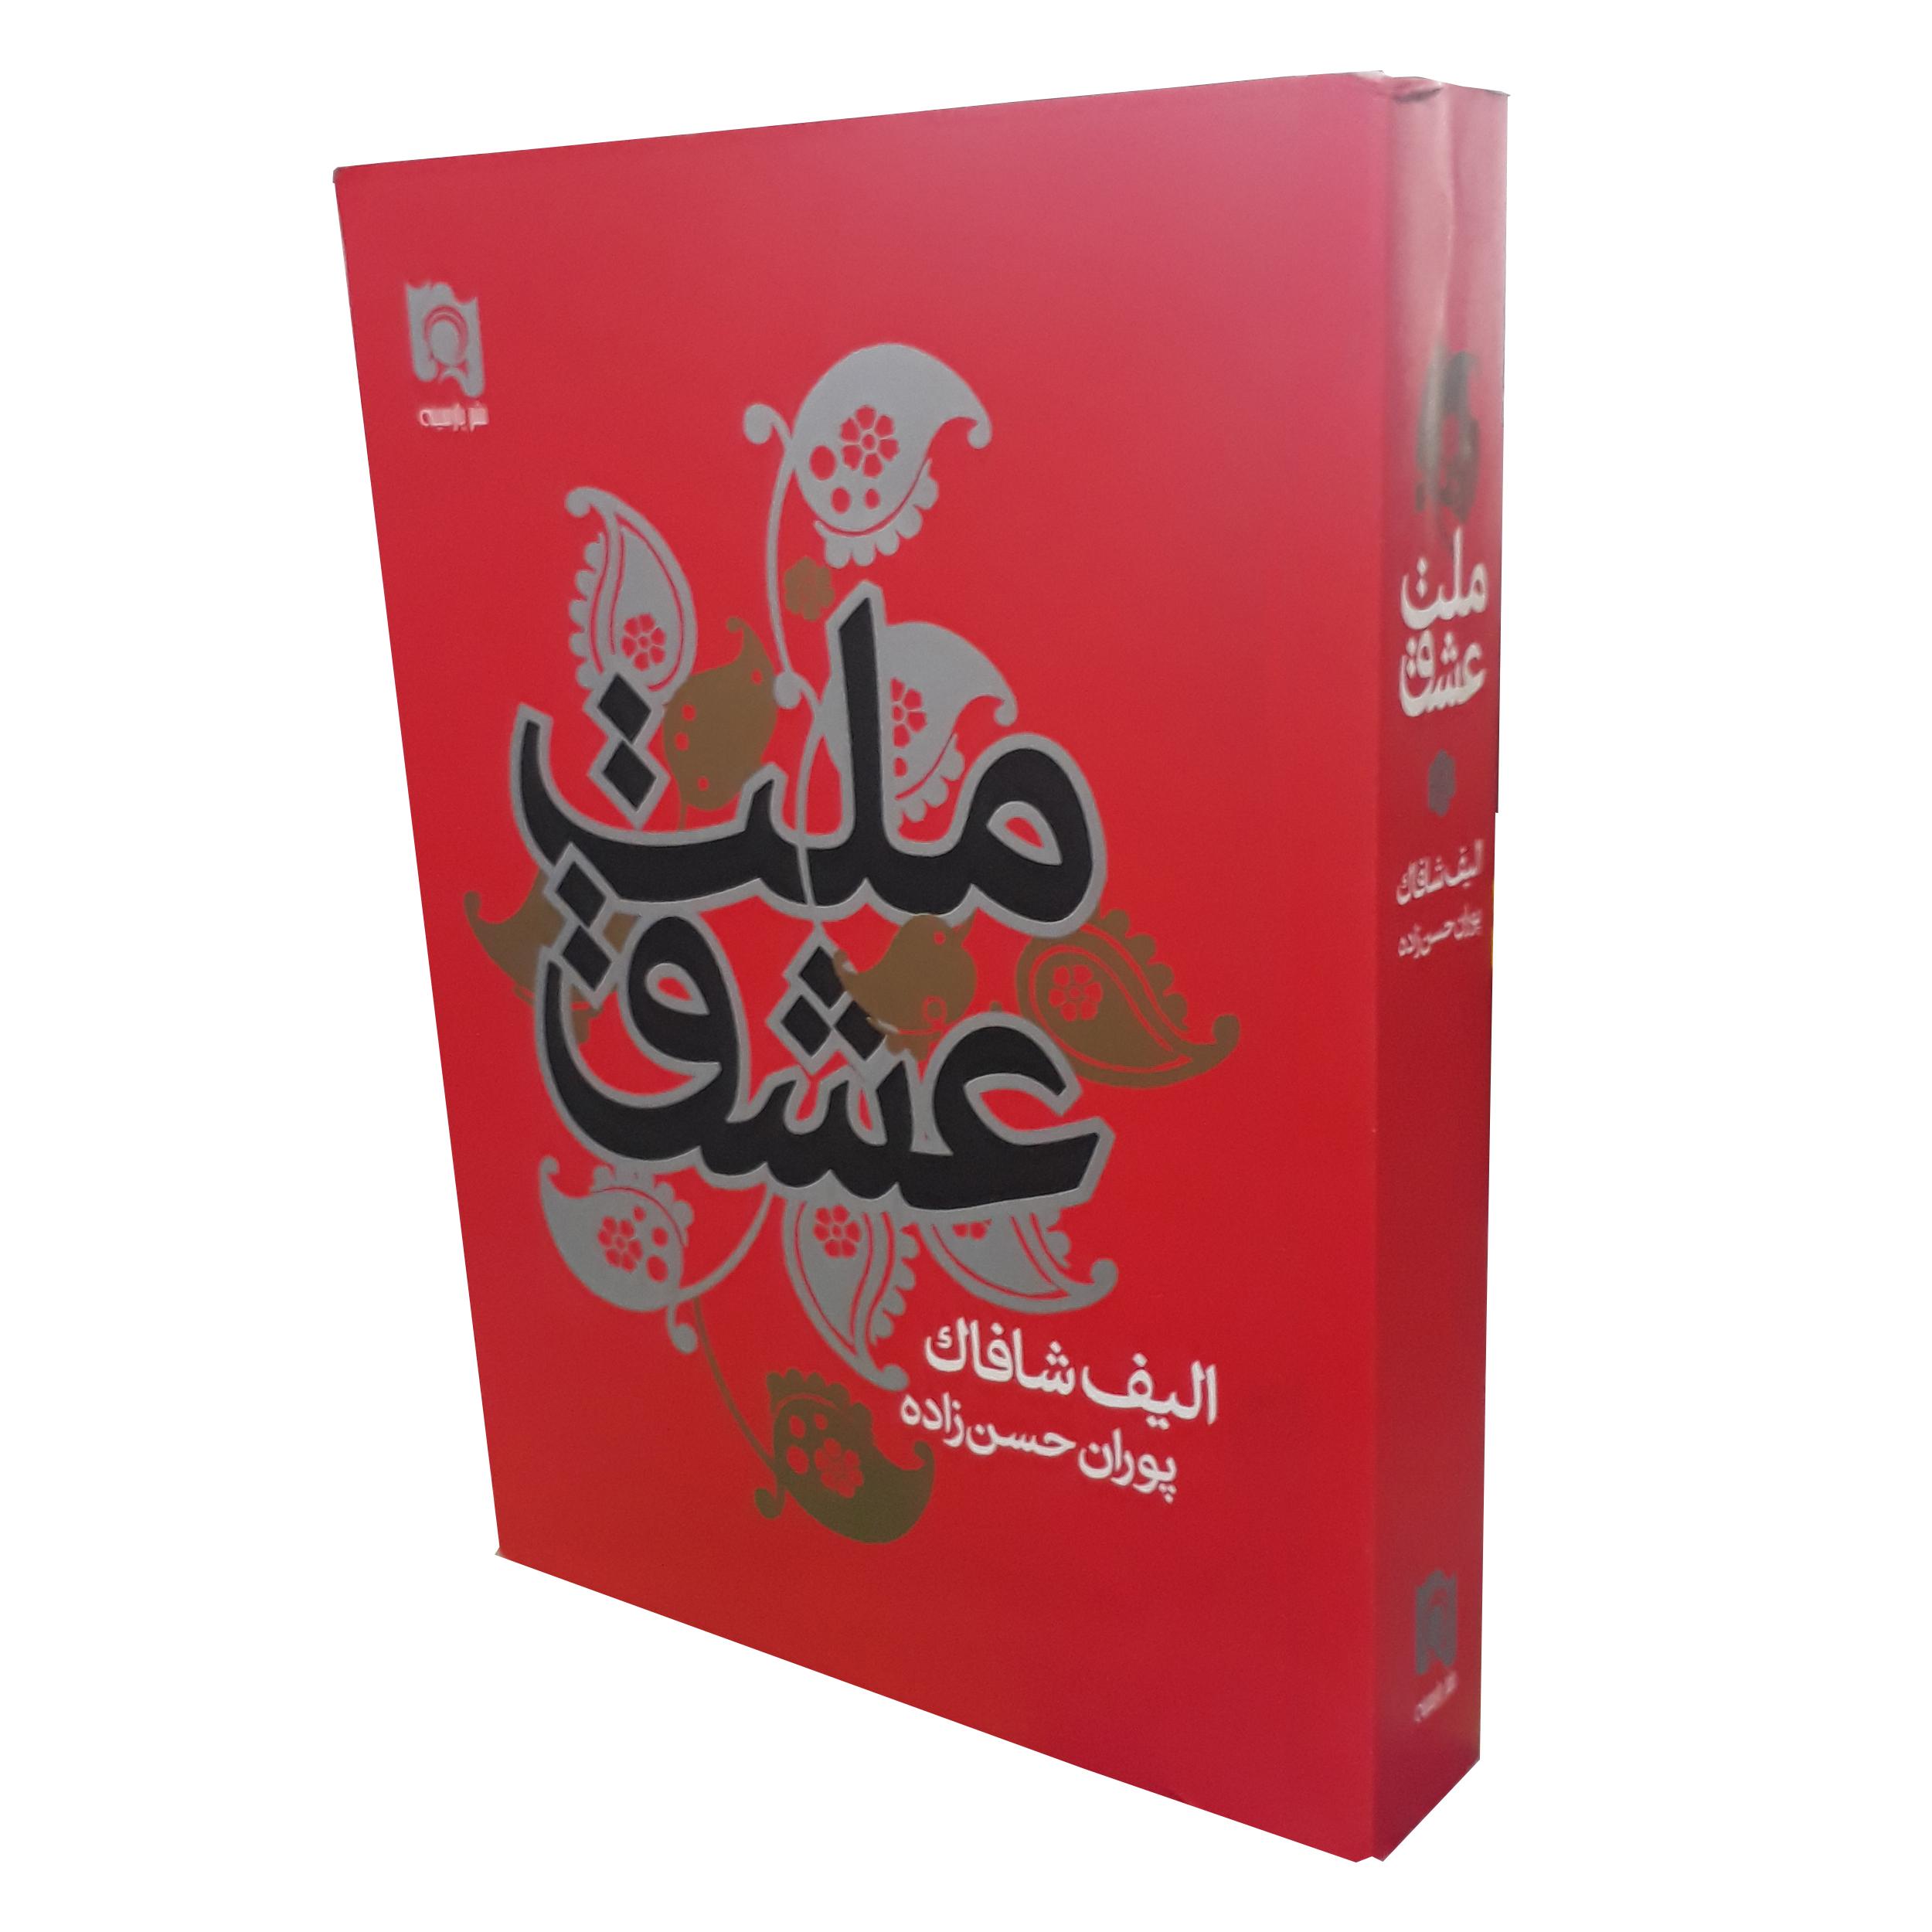 کتاب ملت عشق اثر الیف شافاک انتشارات پارسینه main 1 1